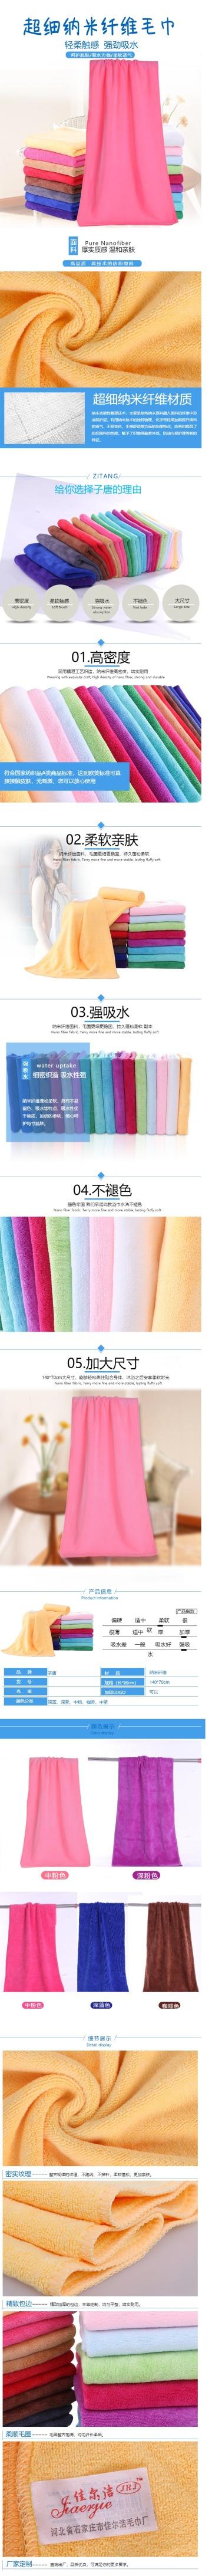 简约轻柔纳米纤维毛巾电商详情页